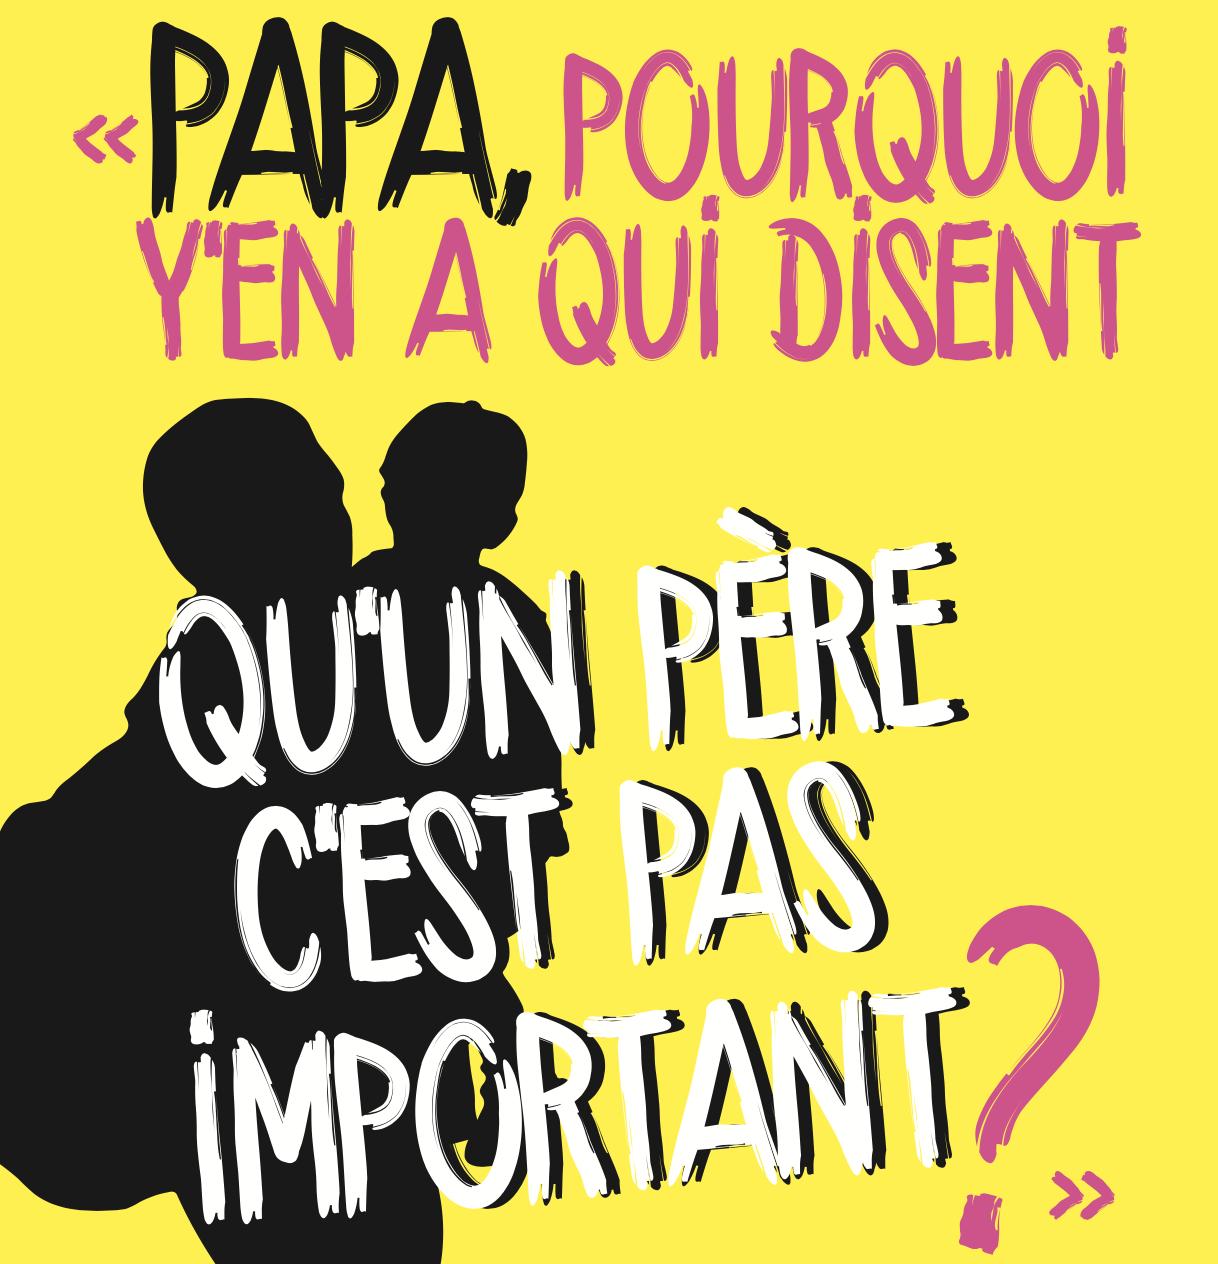 Image - « Papa, pourquoi y'en a qui disent  qu'un père c'est pas important ? »